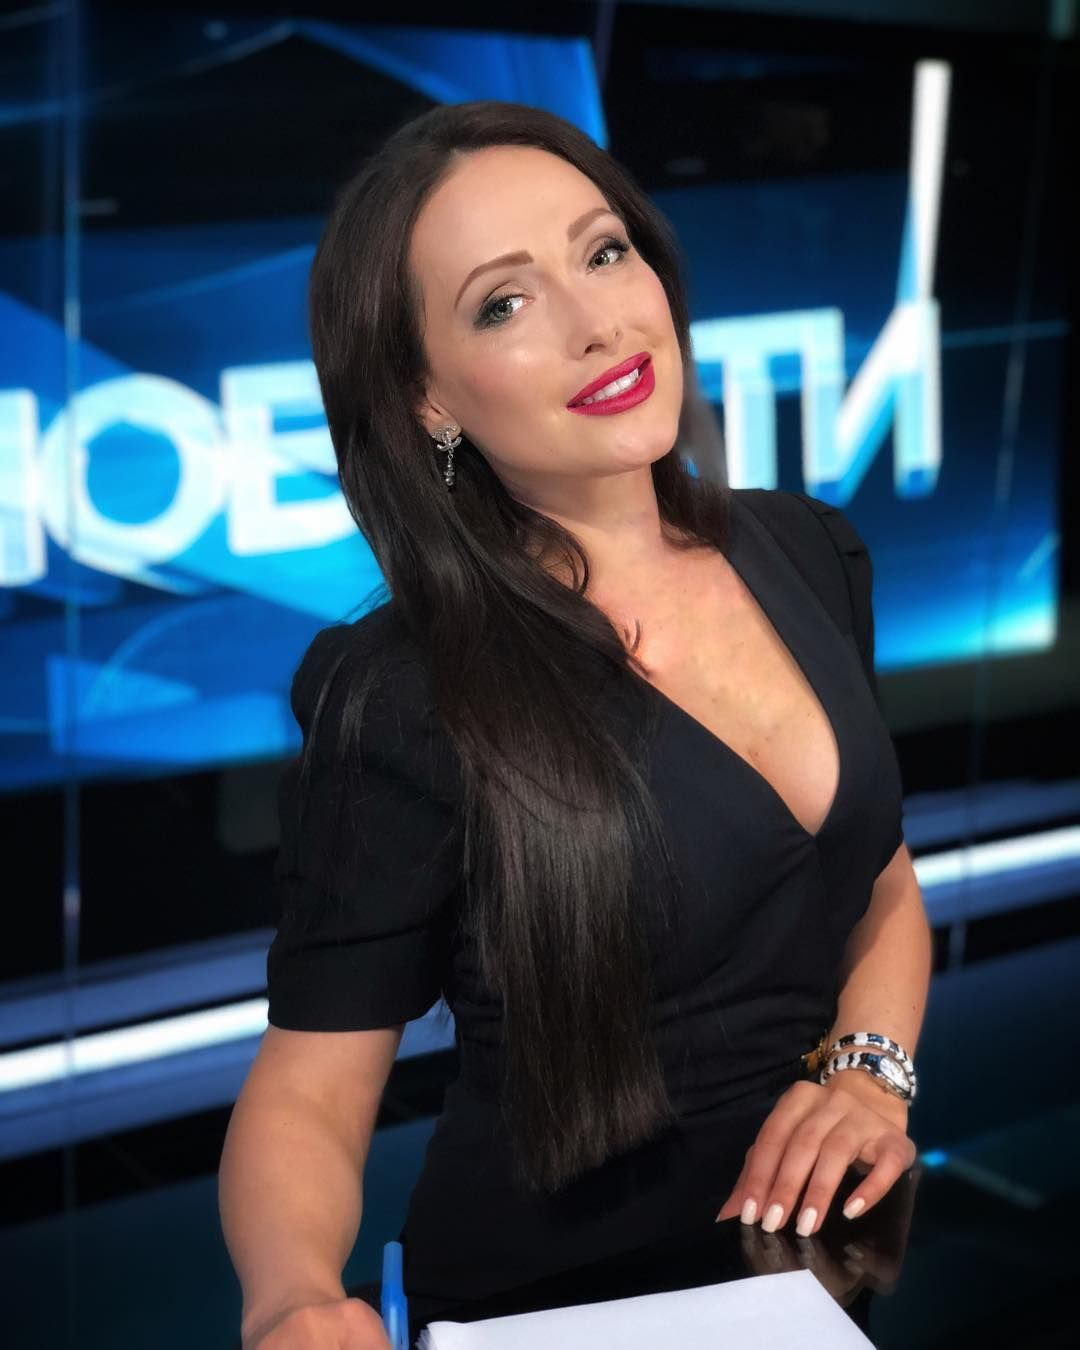 Елена Крайт ведущая фото